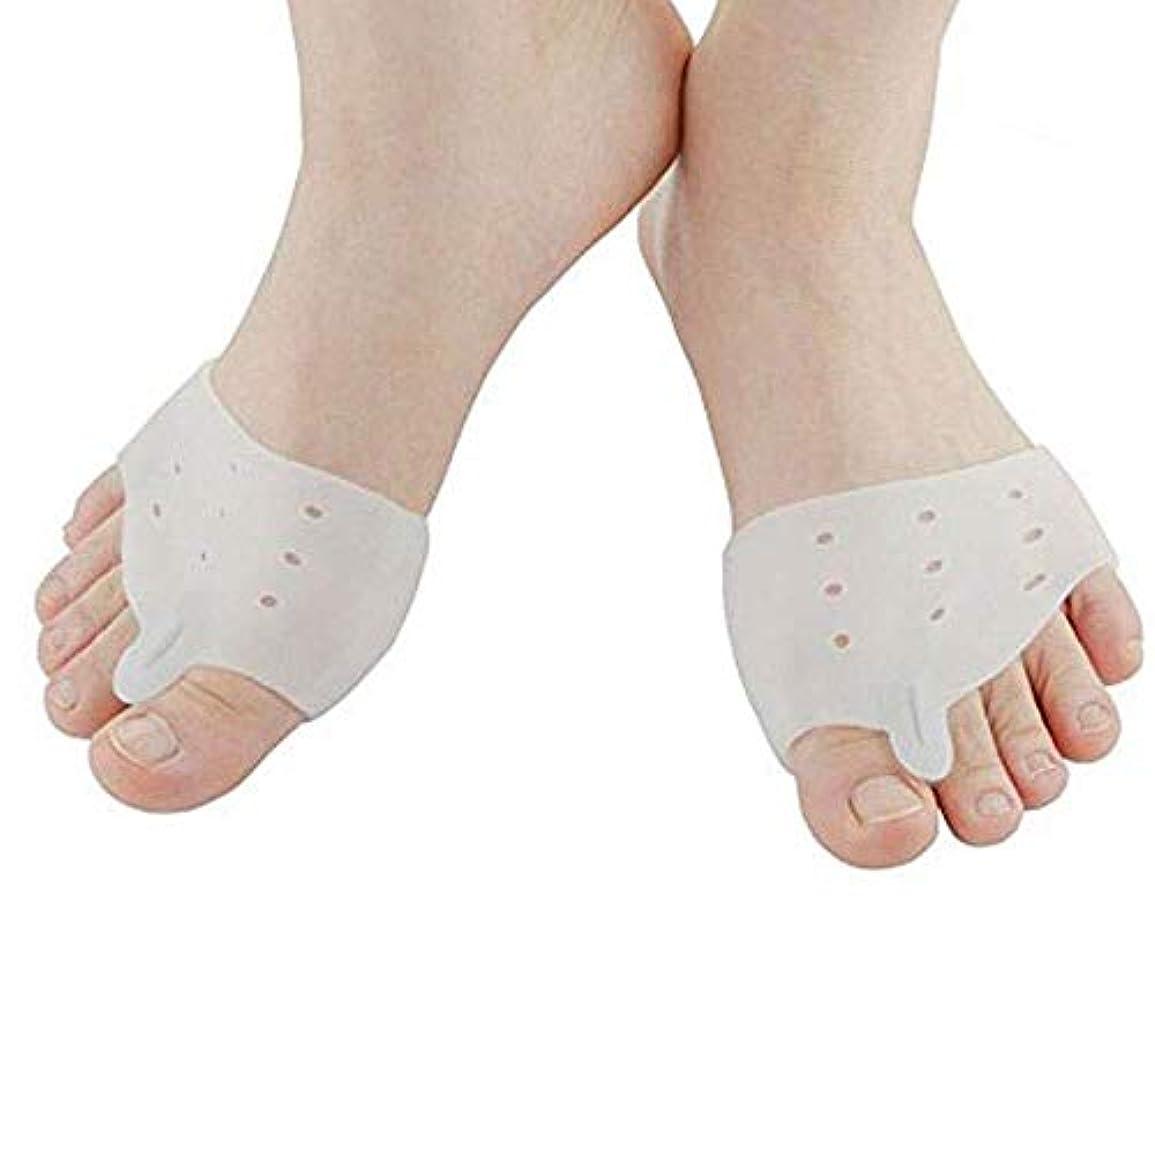 刺しますキリスト教固体足サポーター 足指パッド セパレーター 矯正 足指を広げる 外反母趾矯正 サポーター 足指矯正パッド 足指分離 足指 足用保護パッド 足の痛みを軽減 男女兼用